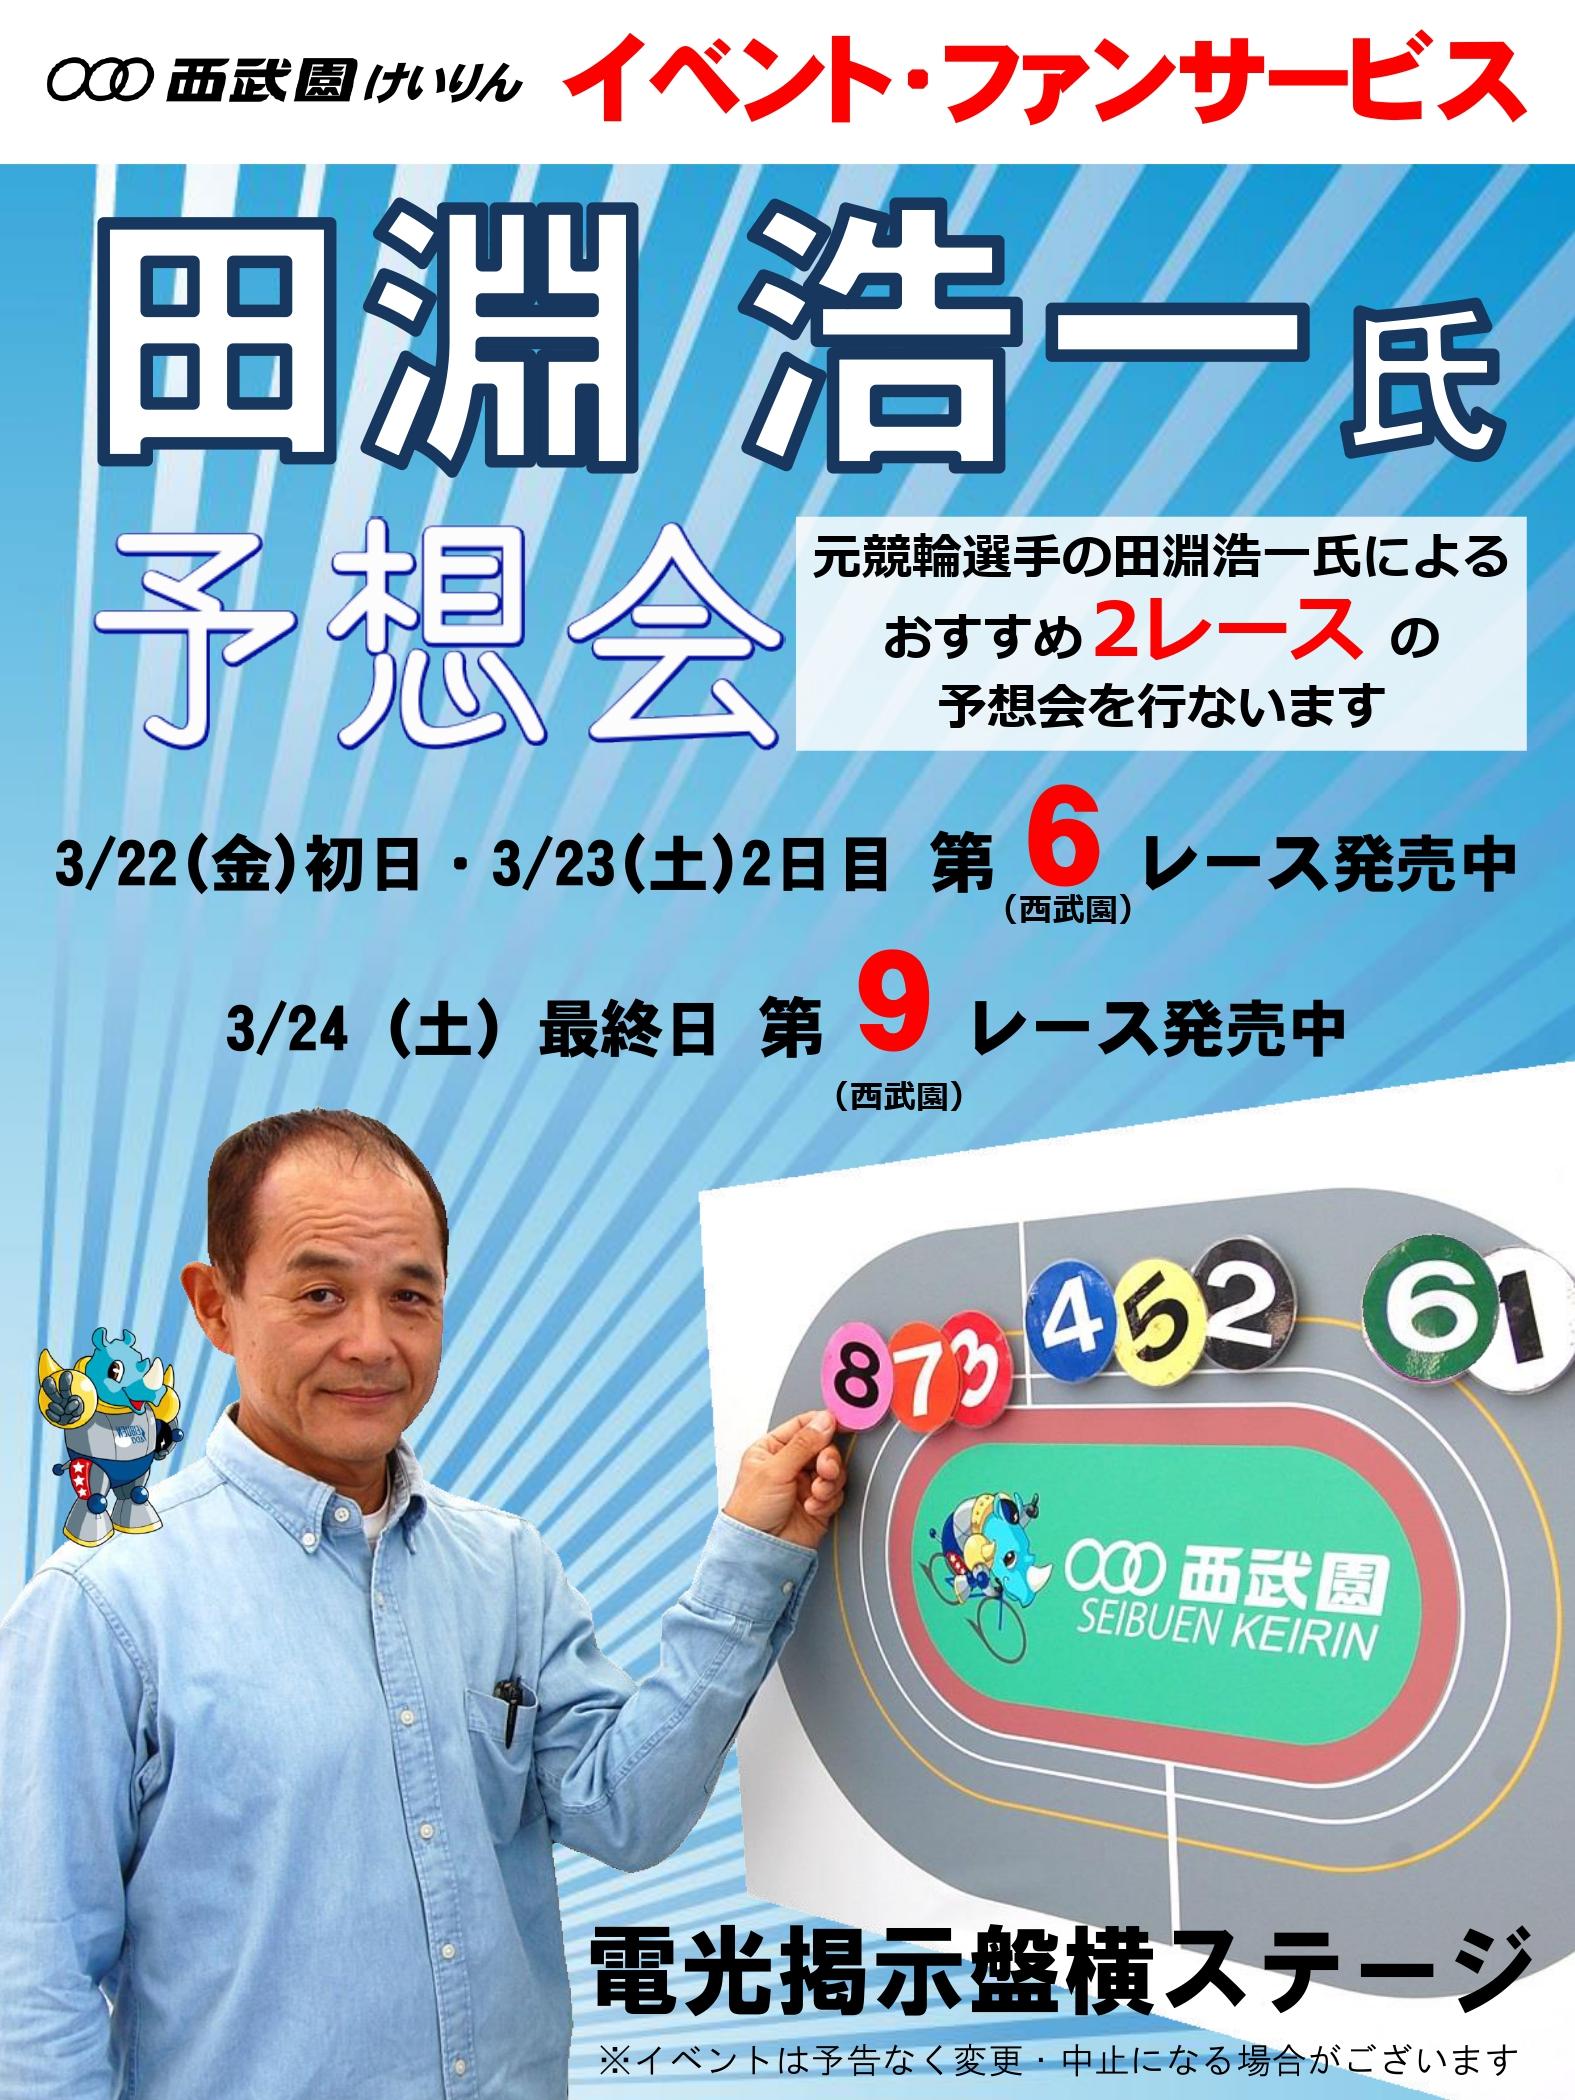 https://www.keirin-saitama.jp/seibuen/wp-content/uploads/archives/%E7%94%B0%E6%B7%B5%E6%B5%A9%E4%B8%80%E6%B0%8F%E4%BA%88%E6%83%B3%E4%BC%9A_page-0001.jpg